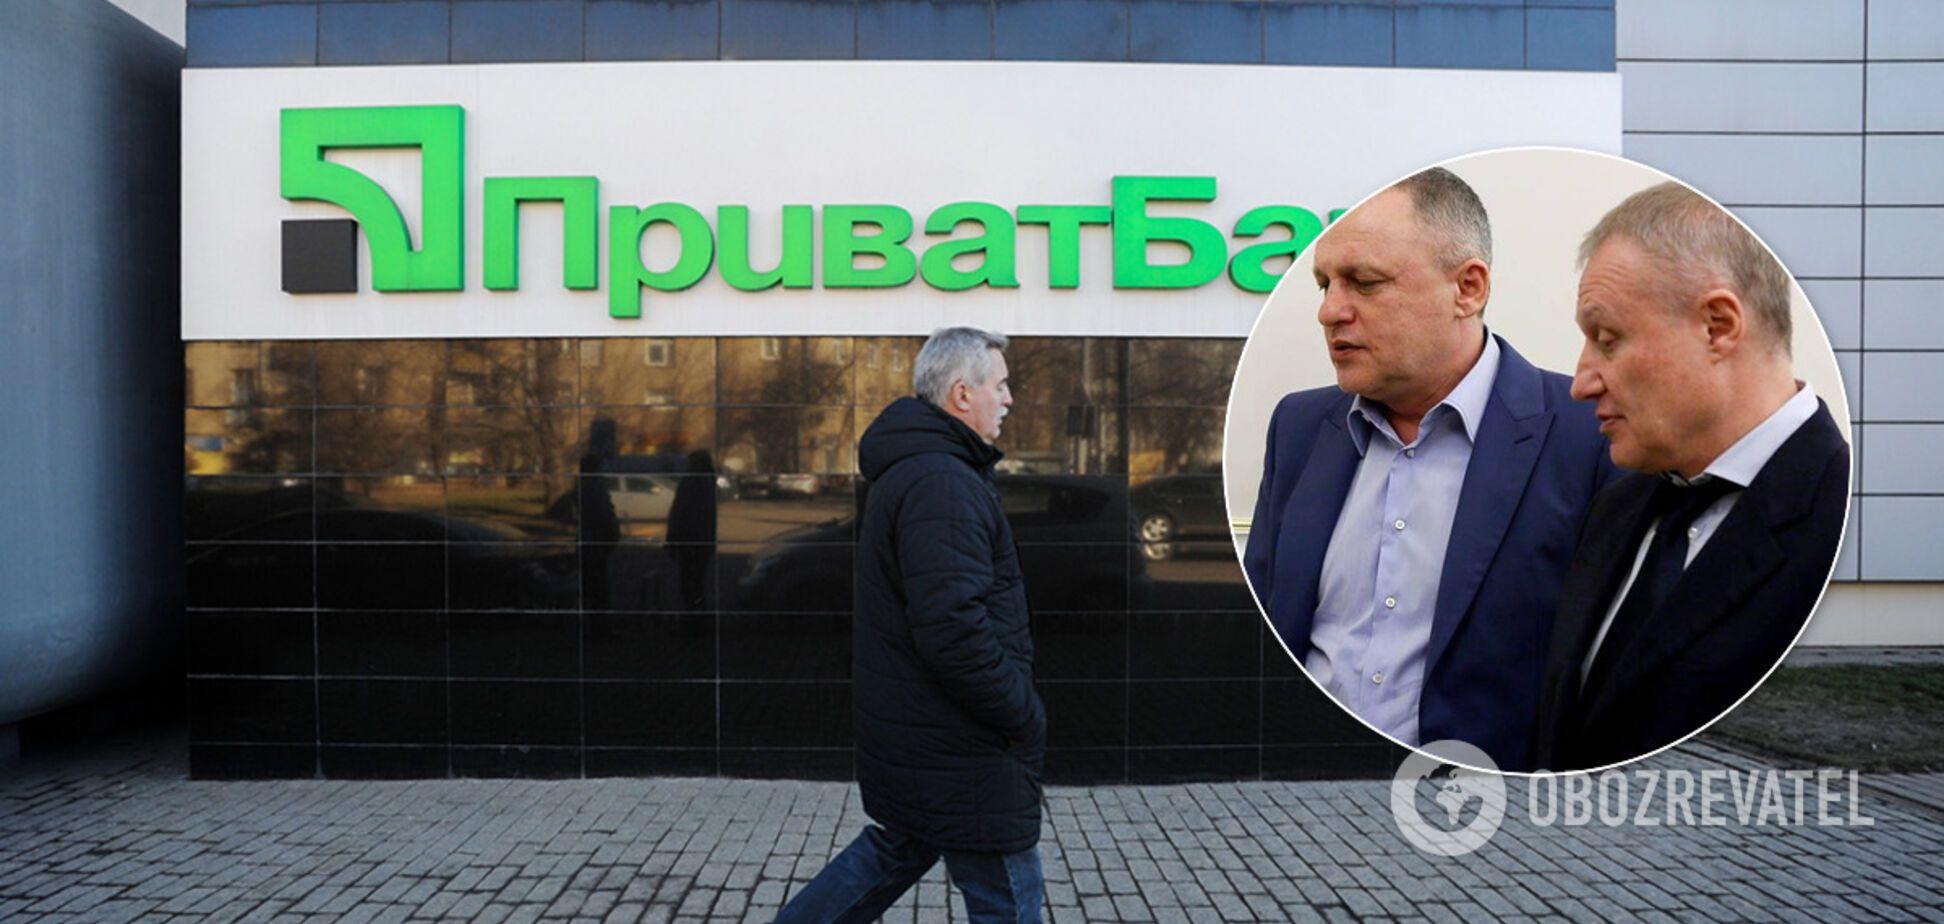 Верховний суд поставив крапку у справі Суркісів проти ПриватБанку